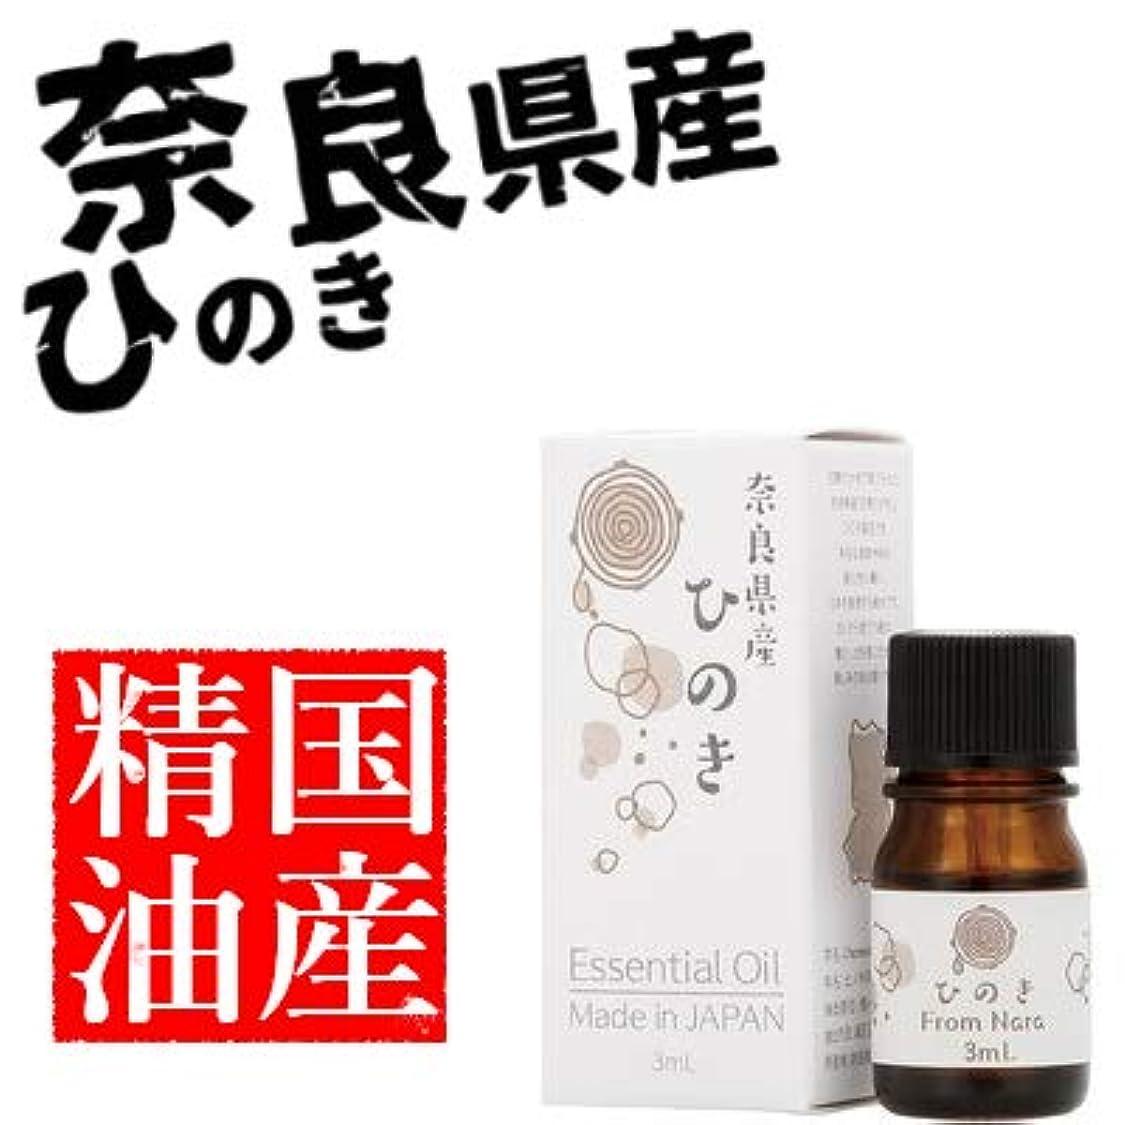 リレーフィクション近似日本の香りシリーズ エッセンシャルオイル 国産精油 (ひのき)